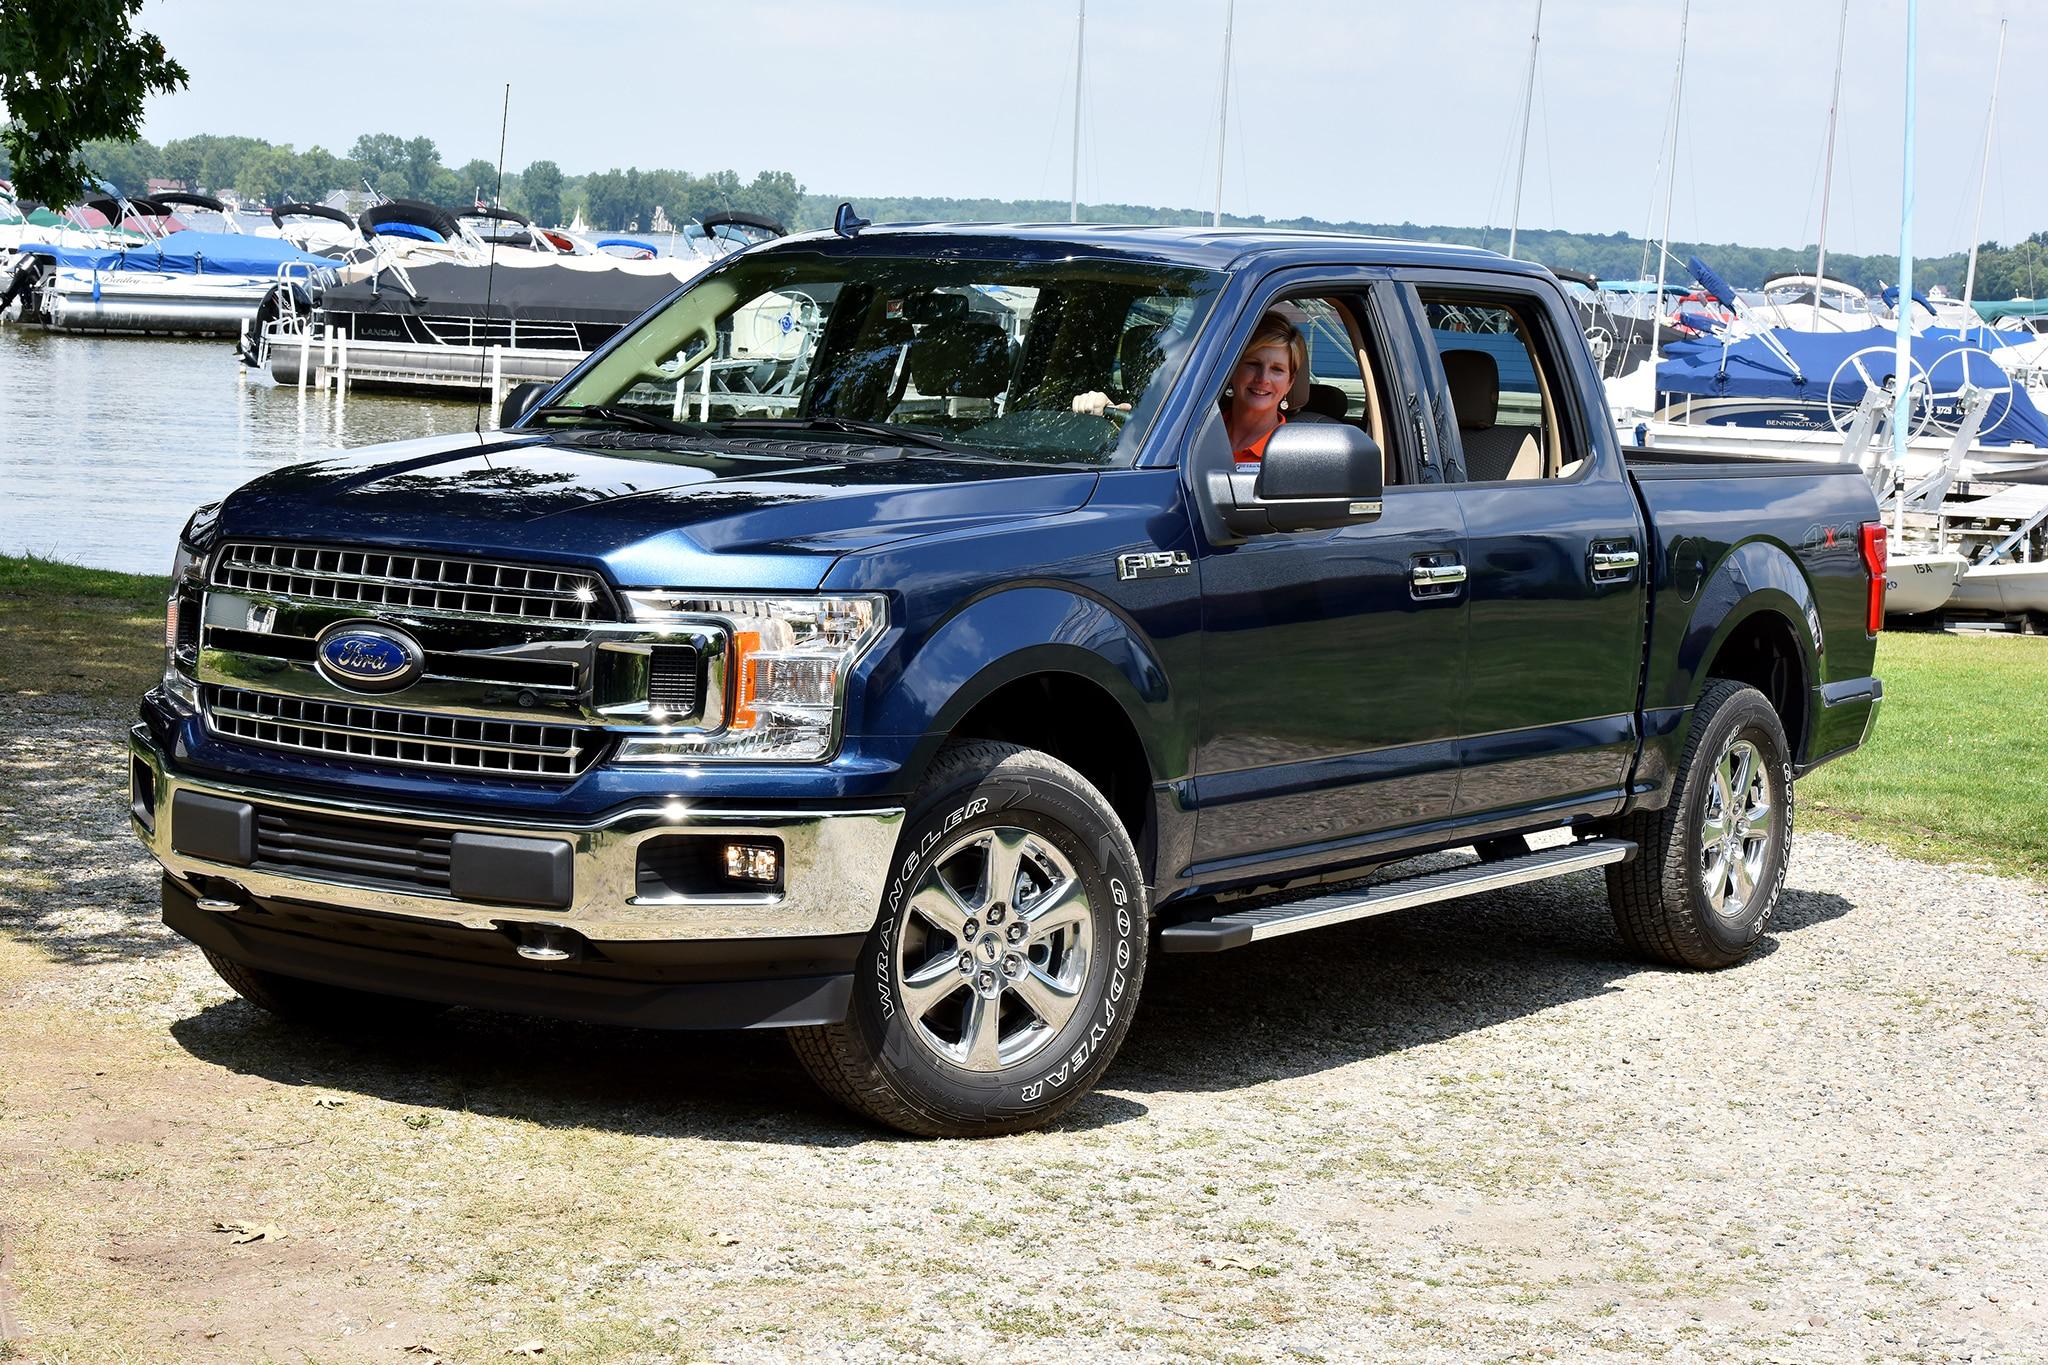 89 ford f 150 horsepower